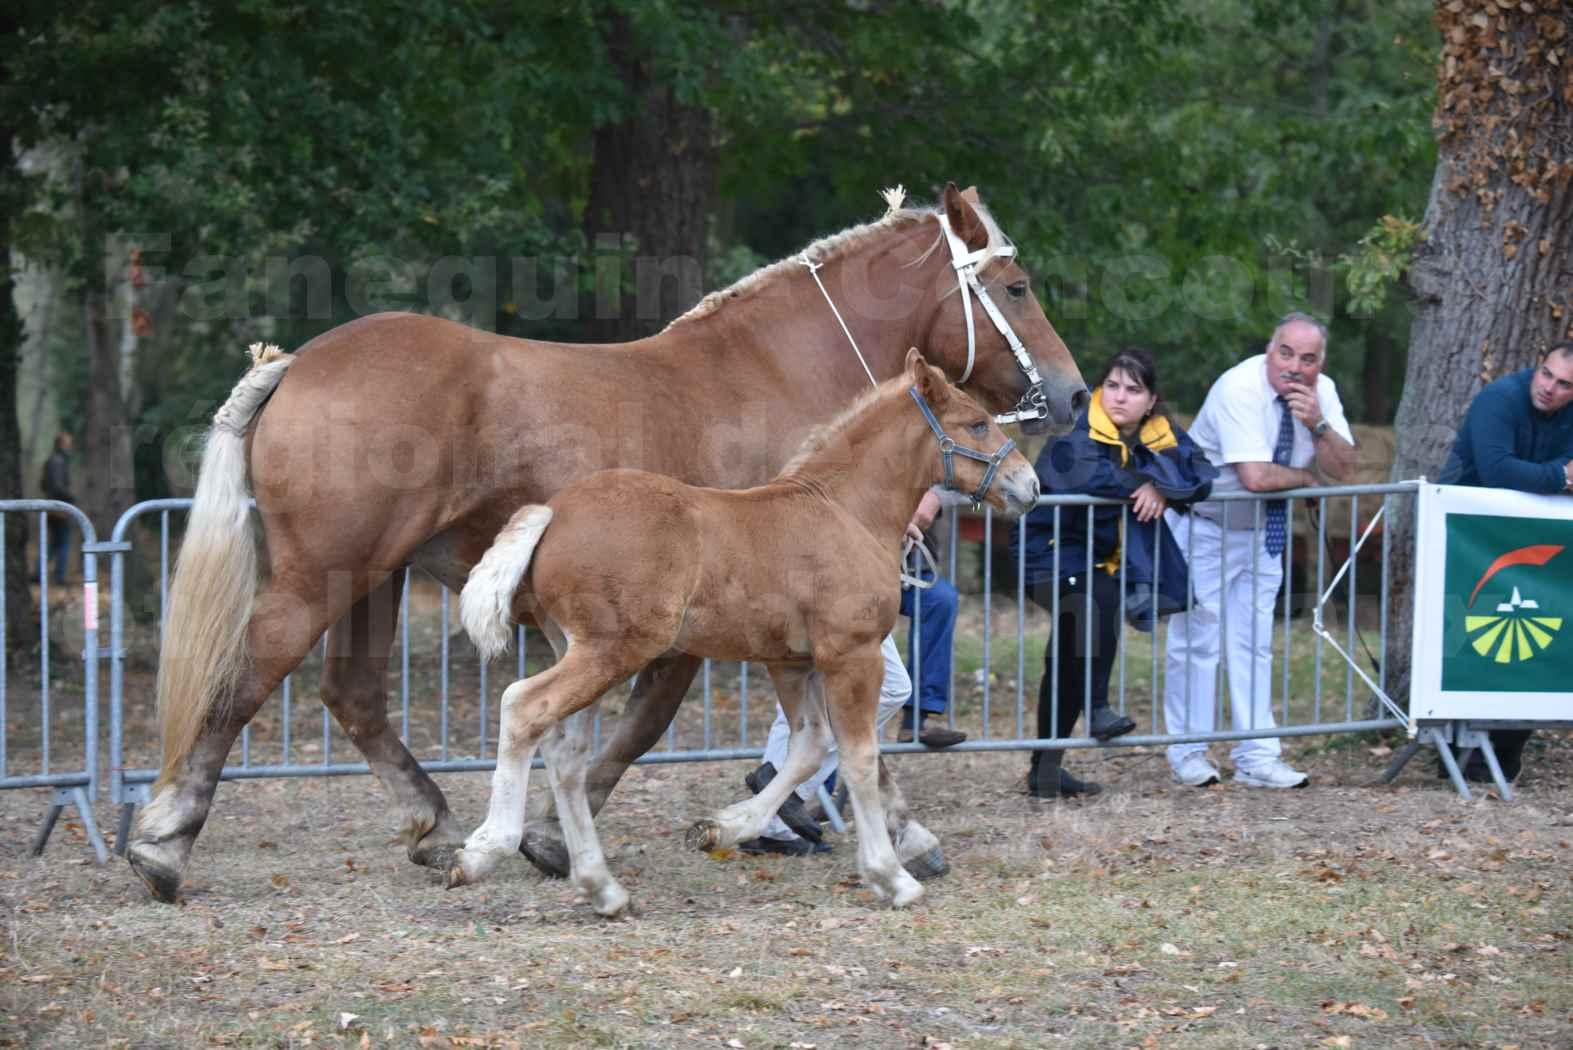 Concours Régional de chevaux de traits en 2017 - Jument & Poulain Trait COMTOIS - CANNELLE 9 - 02